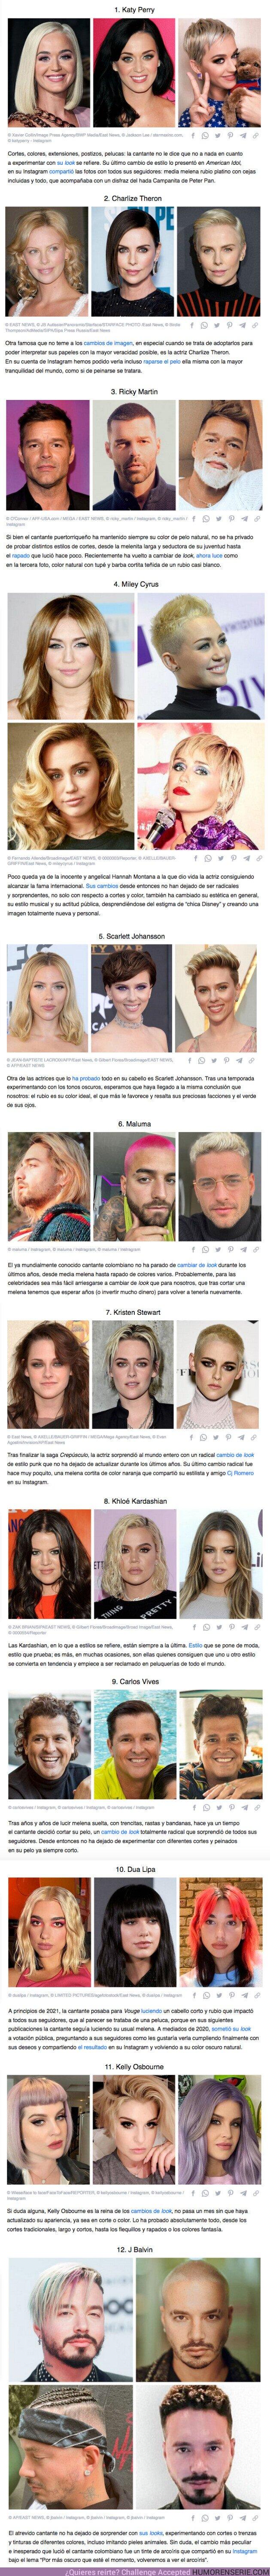 73928 - GALERÍA: 12 Famosos que decidieron cambiar de look y desde entonces su vida no ha sido la misma